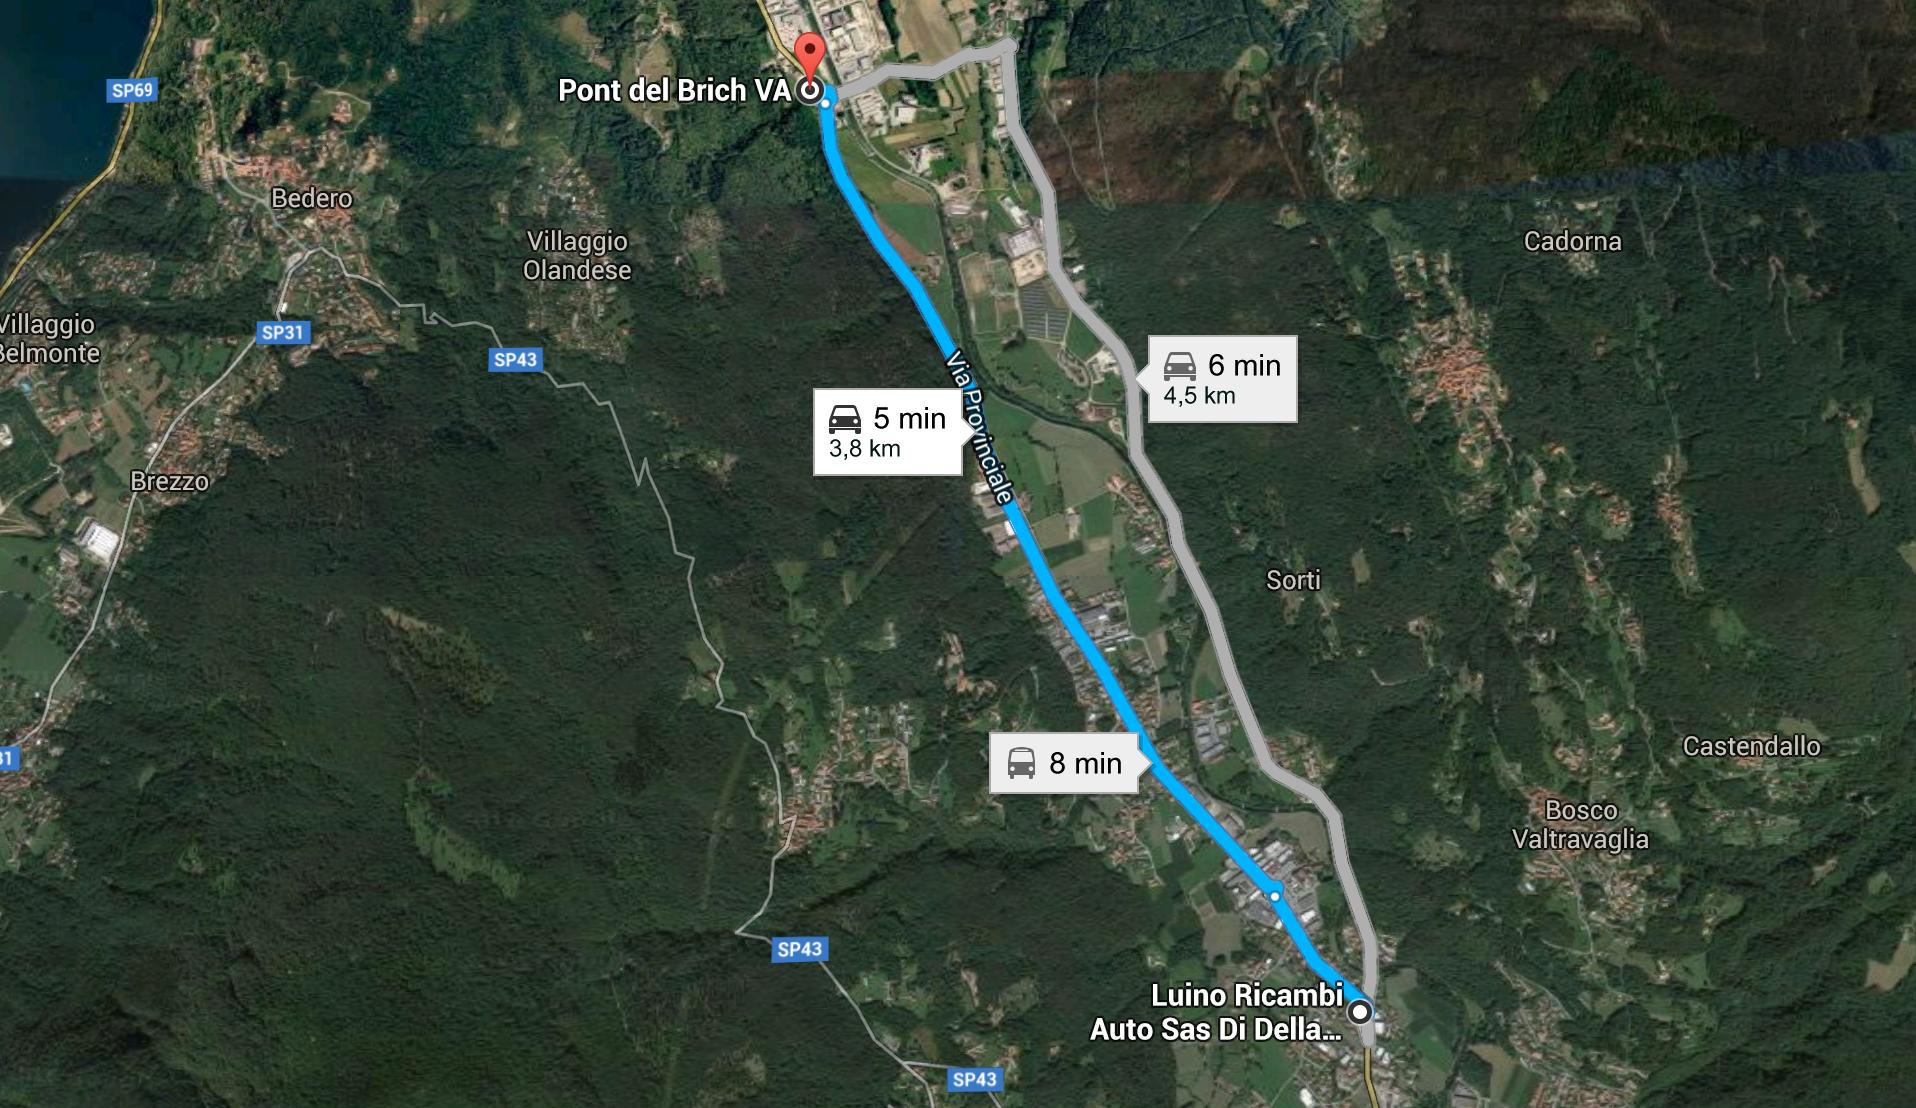 Maltempo, chiusa la strada tra Germignaga e Mesenzana. Sul posto i tecnici ANAS e Vigili del Fuoco